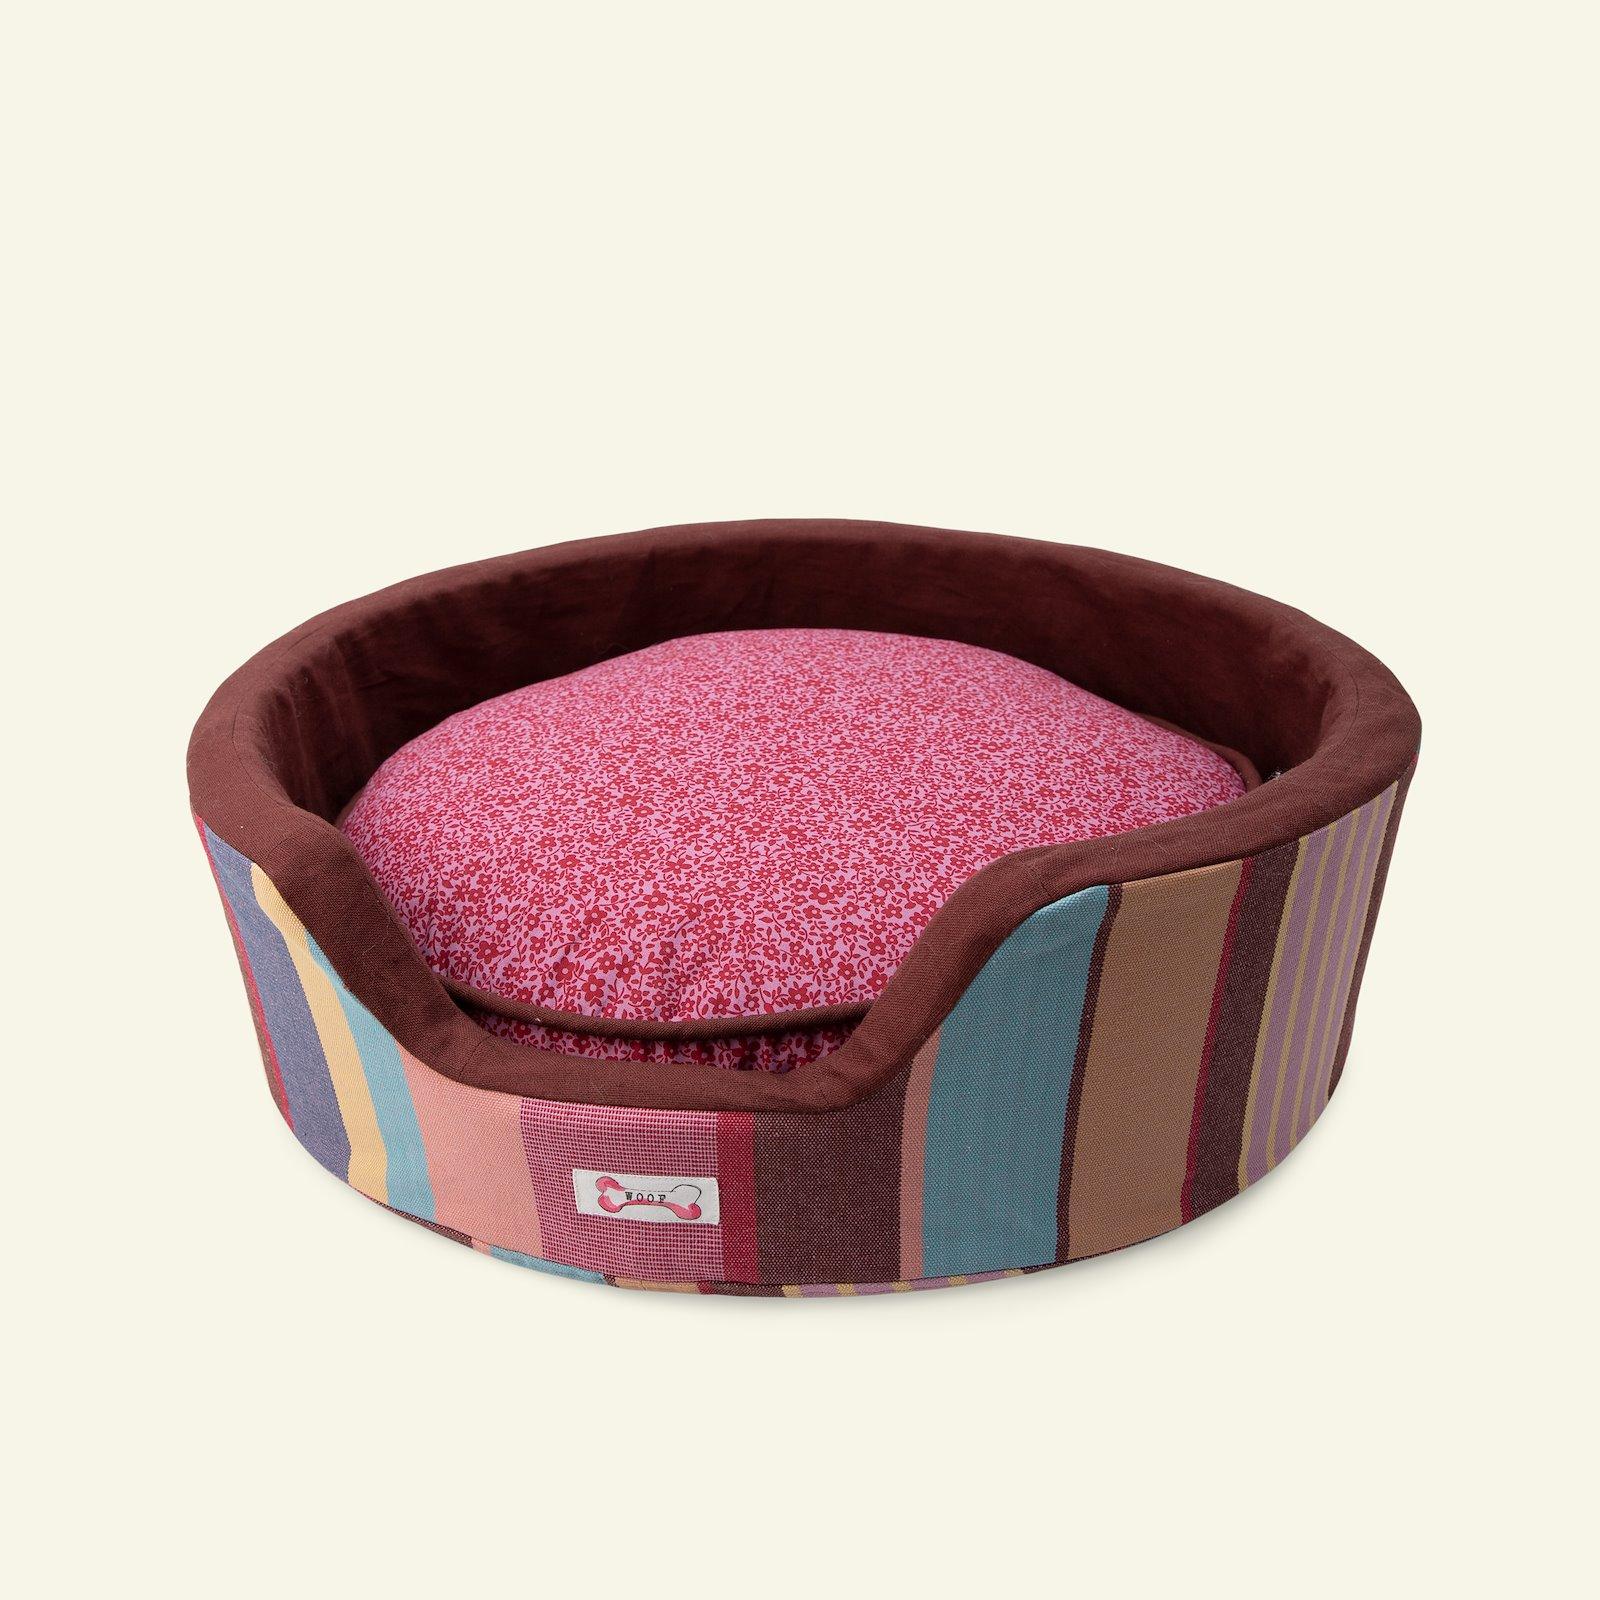 Cotton dusty lavender w red flowers p90348_780550_410144_852413_24848_p90346_852414_780540_910_22309_22313_30333_45203_bundle